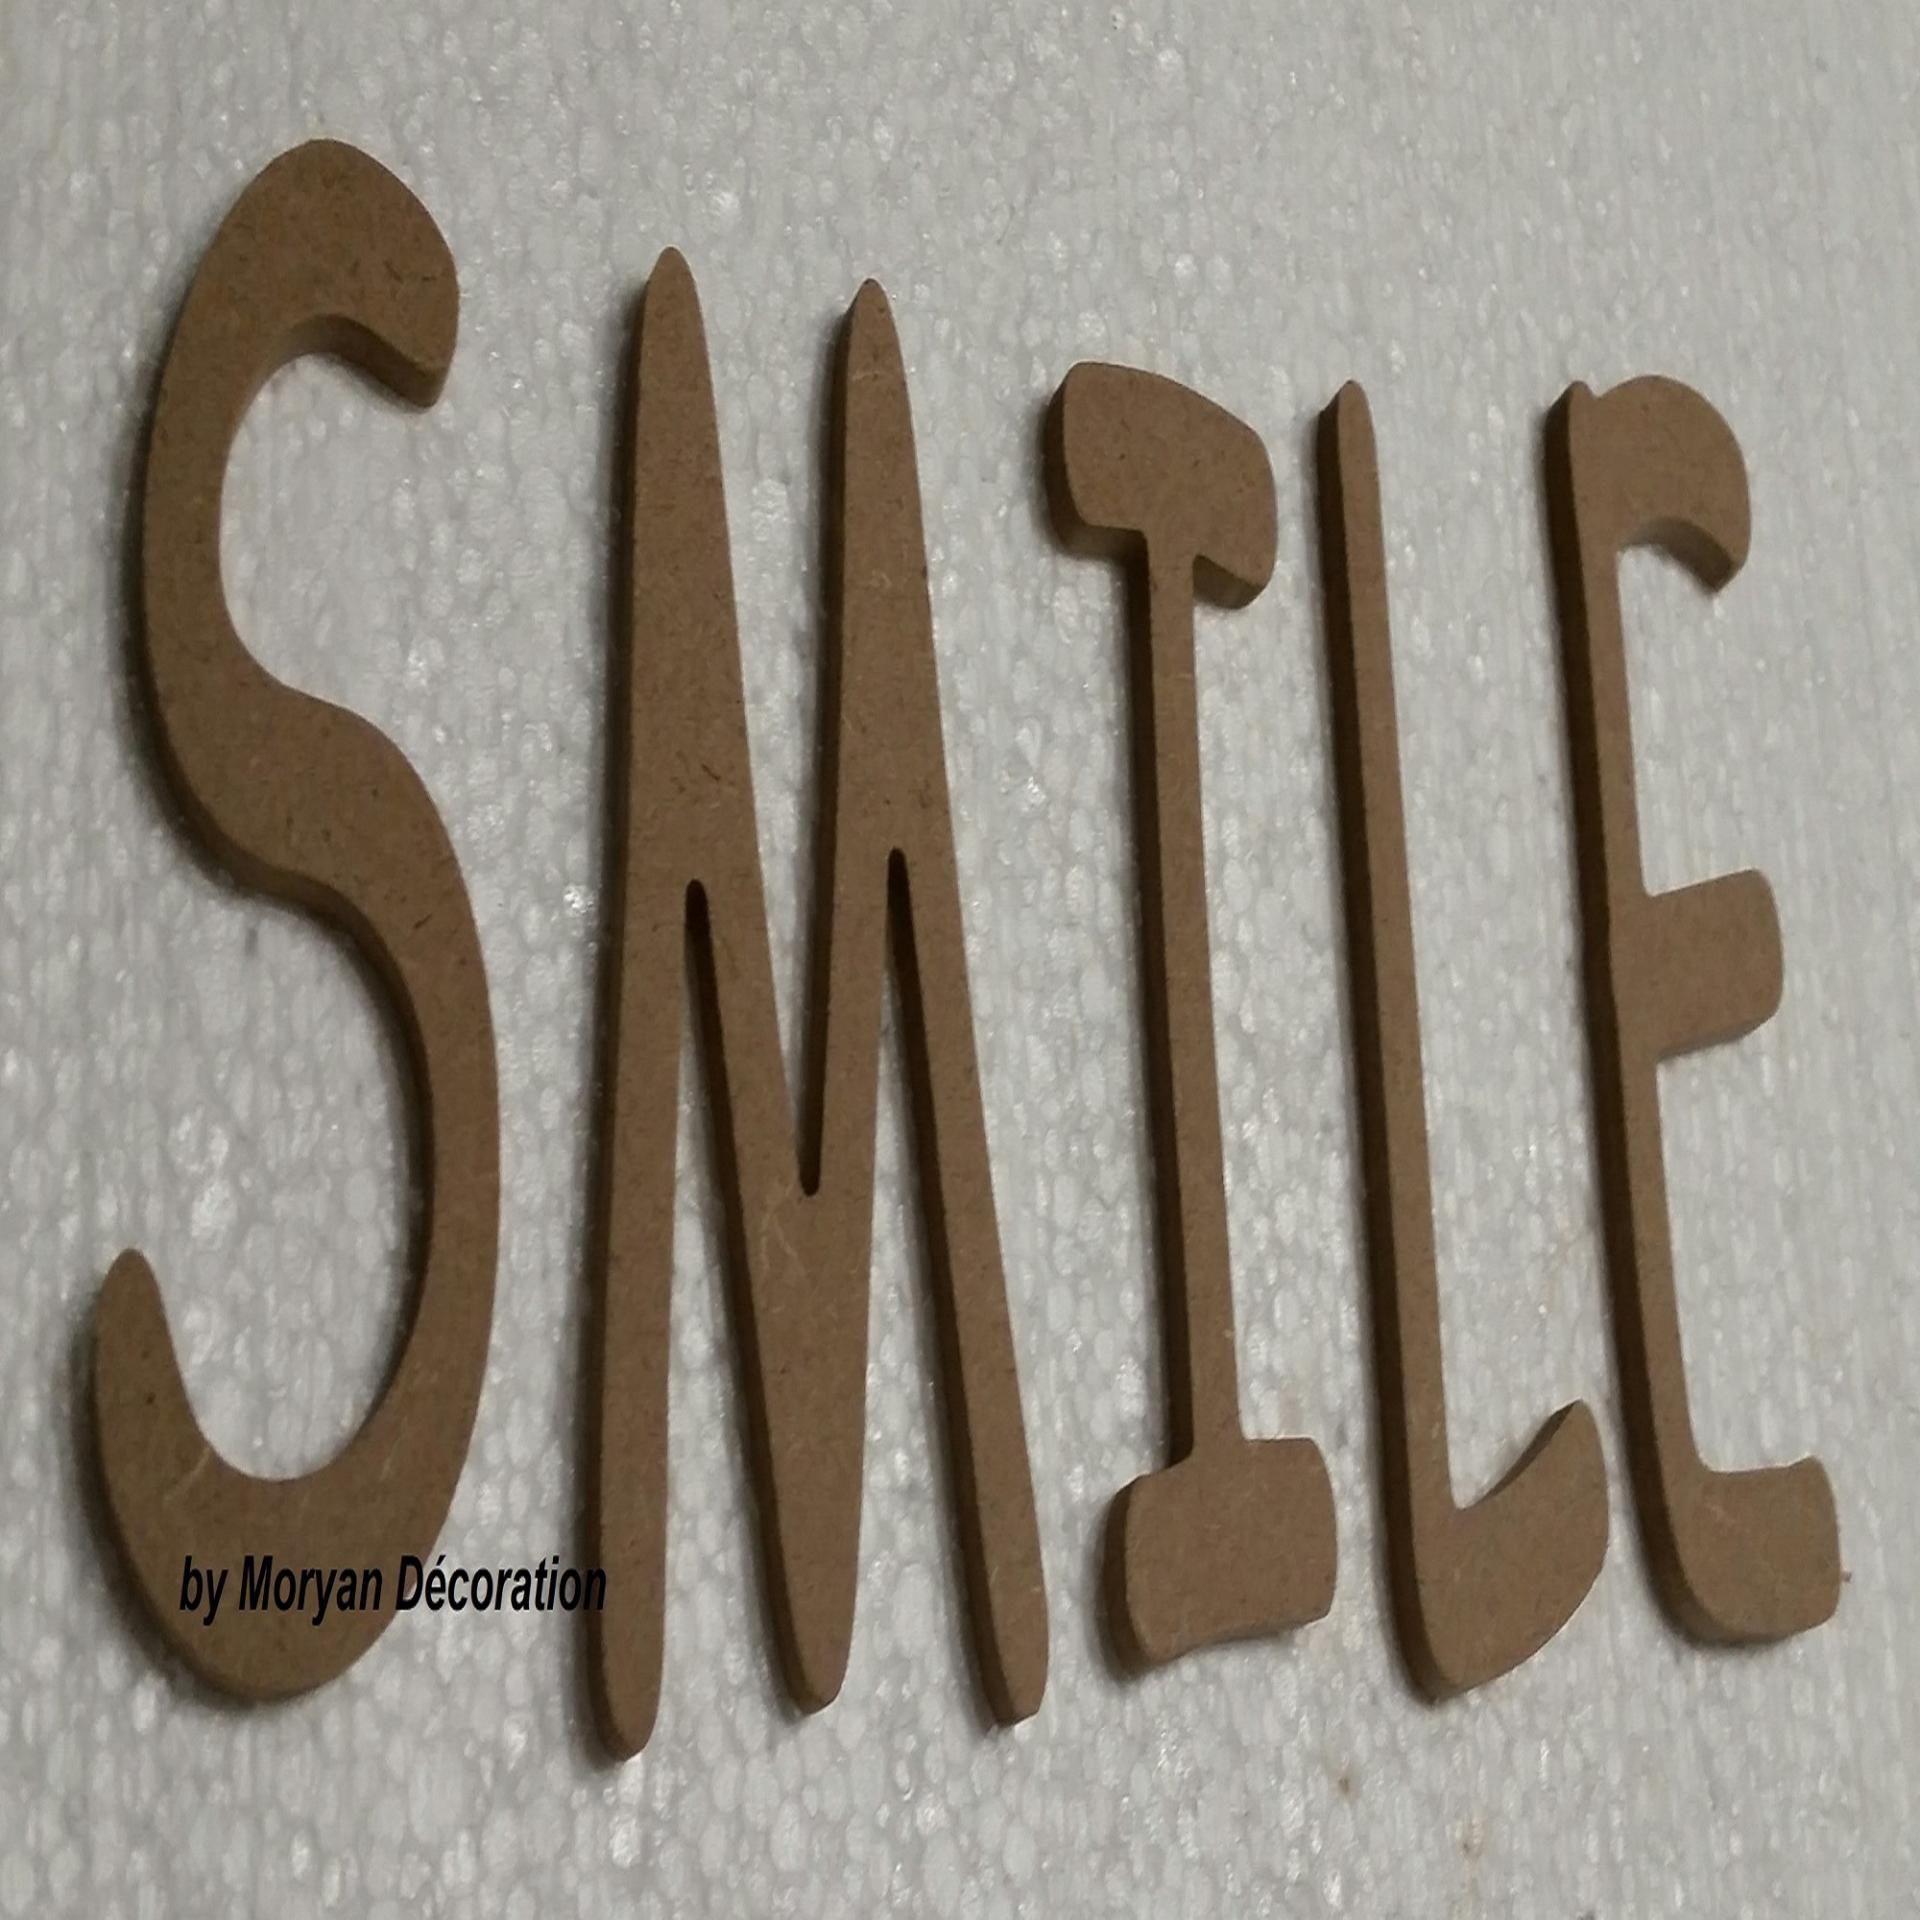 Lettres decoratives en bois a peindre ou a decorer smile